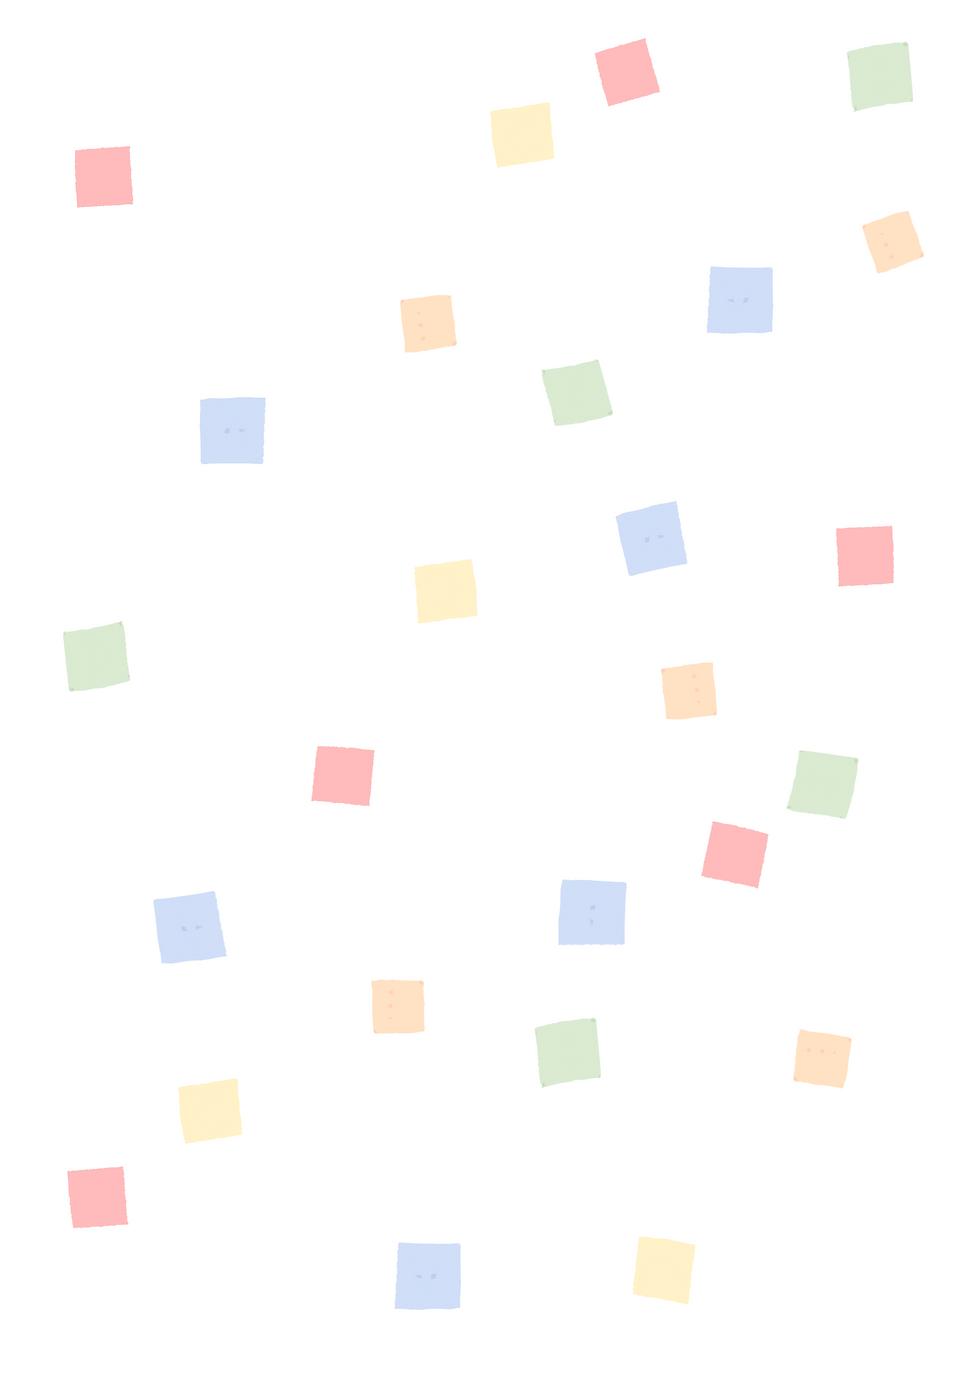 Cubos fade sem letras fundo branco.PNG